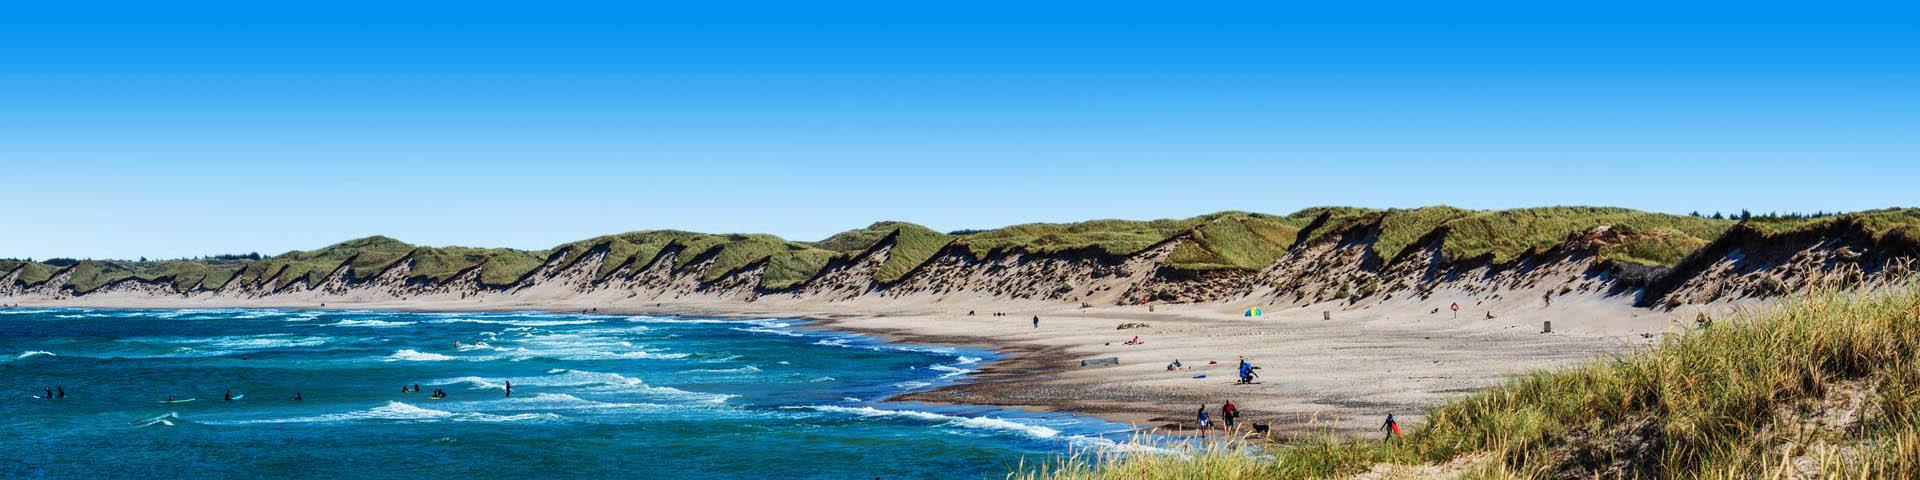 Ruige kustlijn met zee en duinen in Denemarken